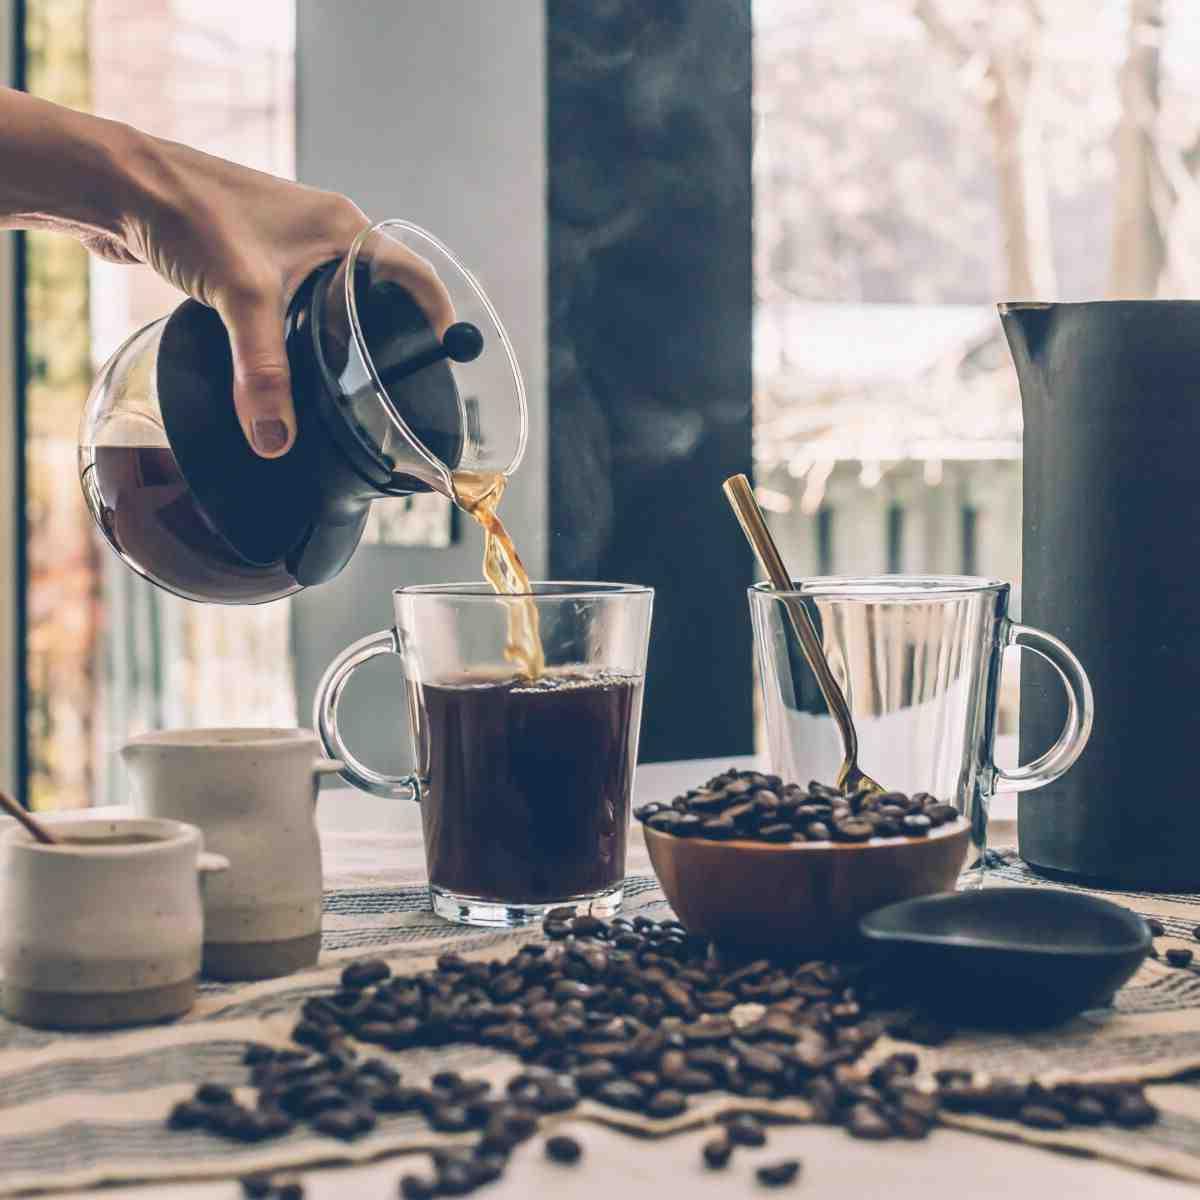 Comment préparer du café sans filtre à café?